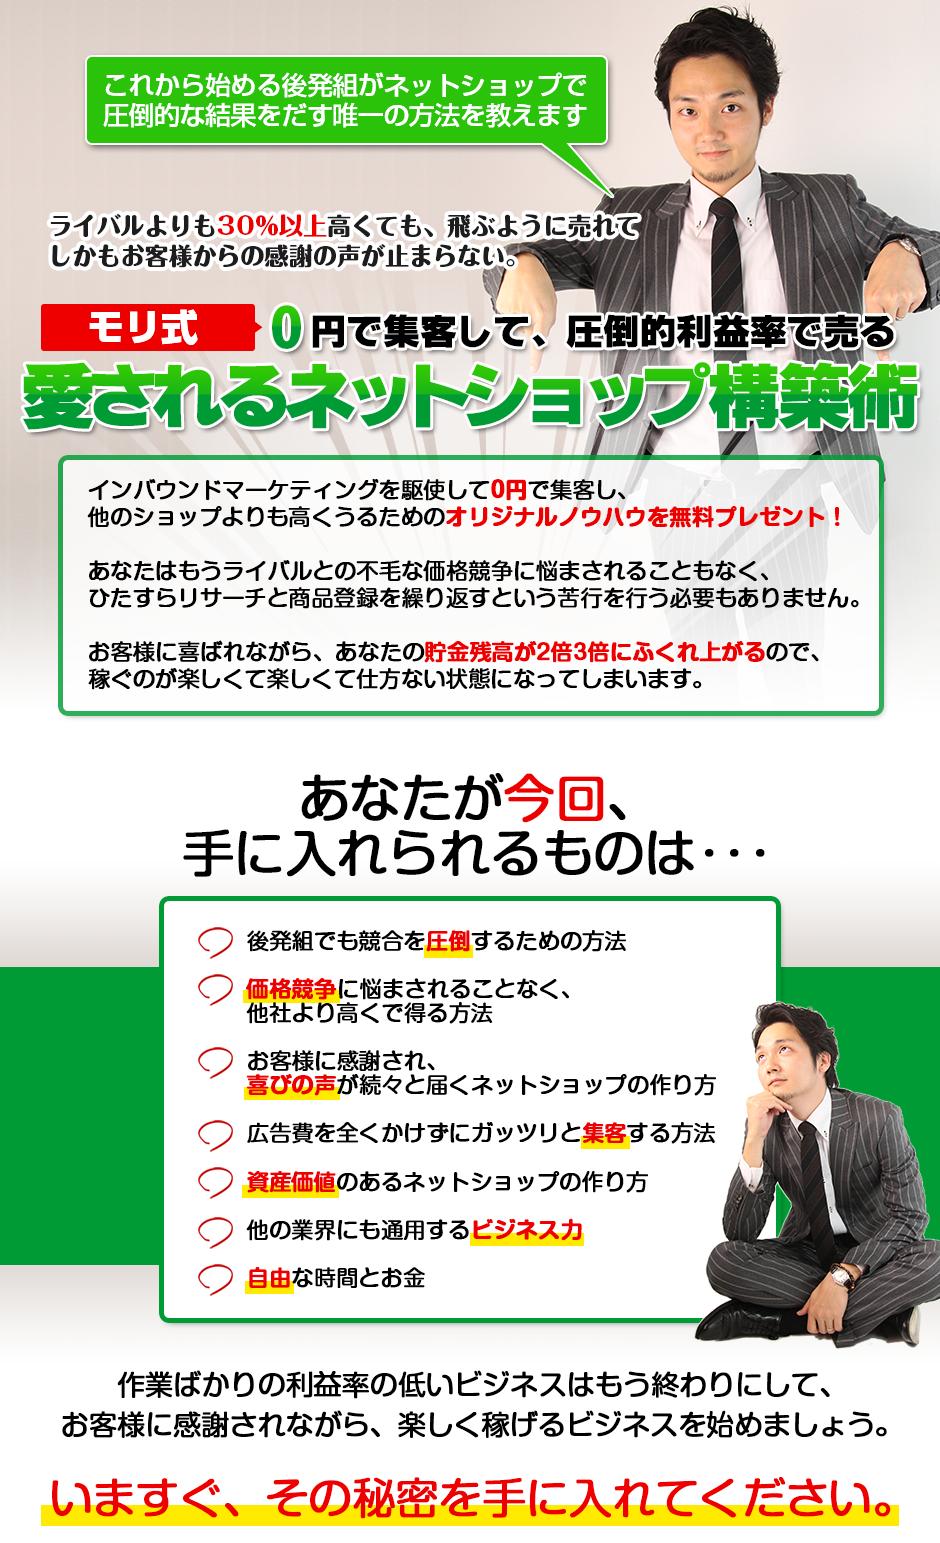 モリ式愛されるネットショップ構築術プレゼ<br />ントキャンペーン